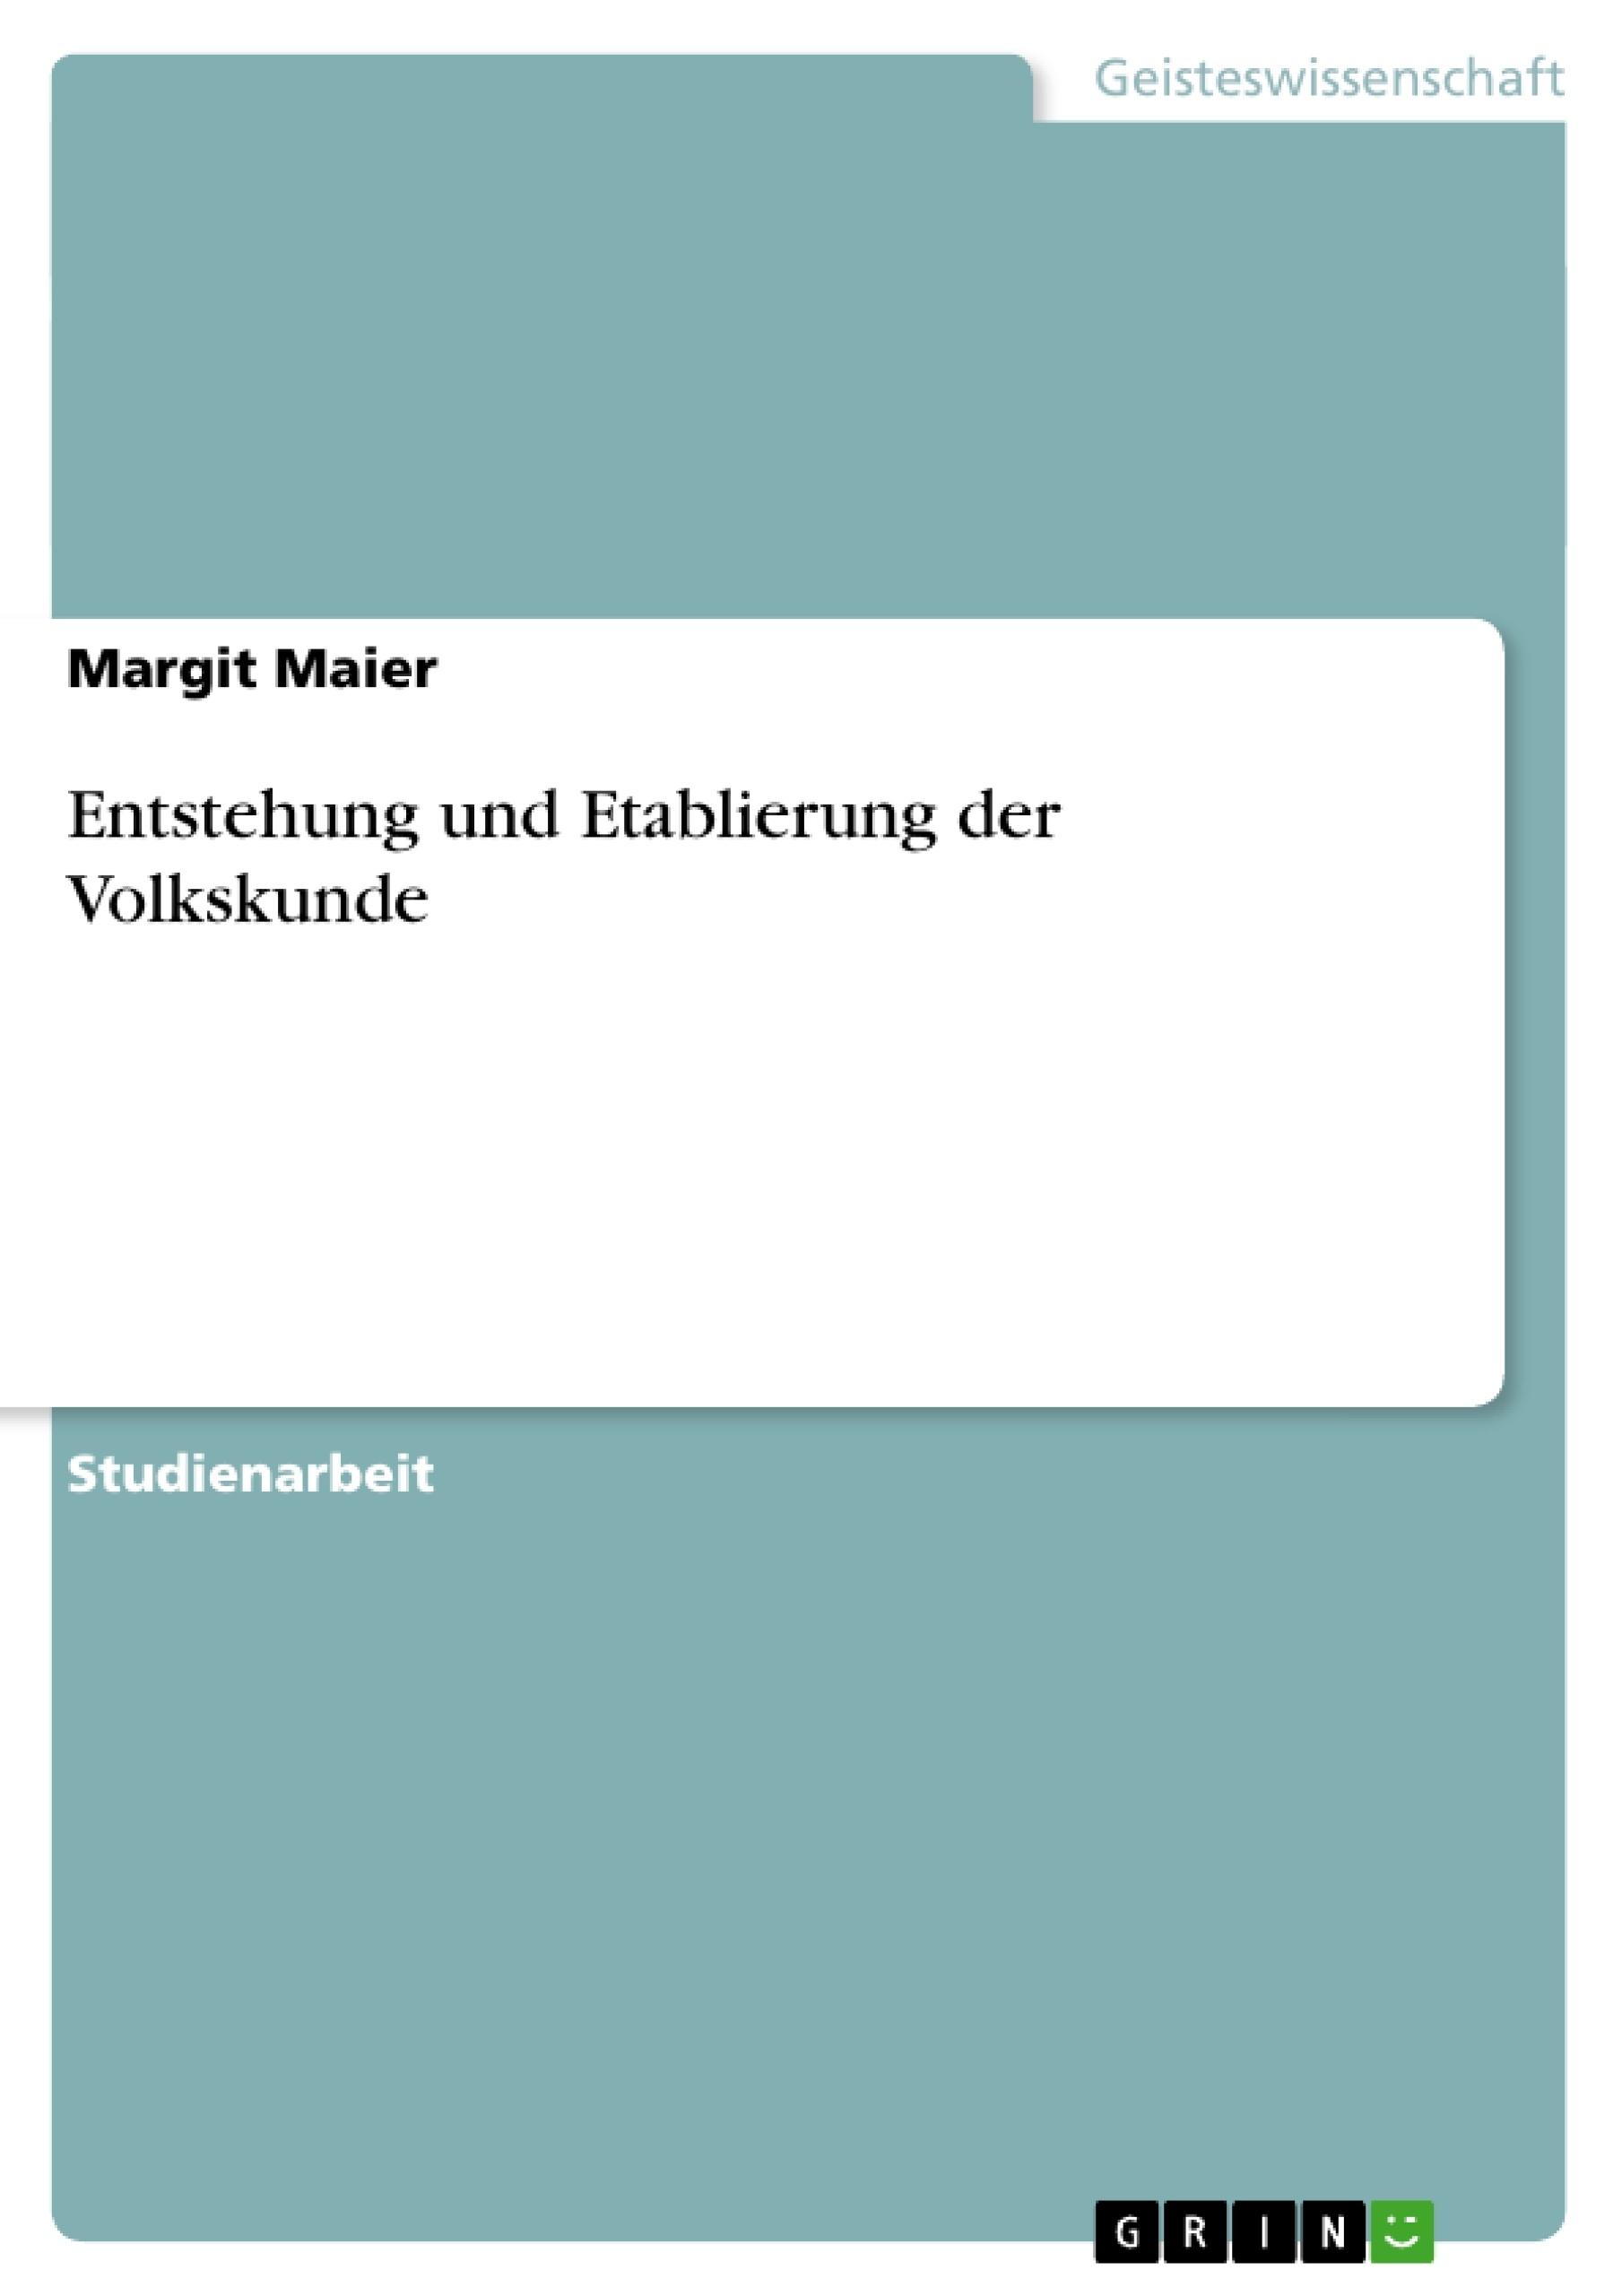 Titel: Entstehung und Etablierung der Volkskunde